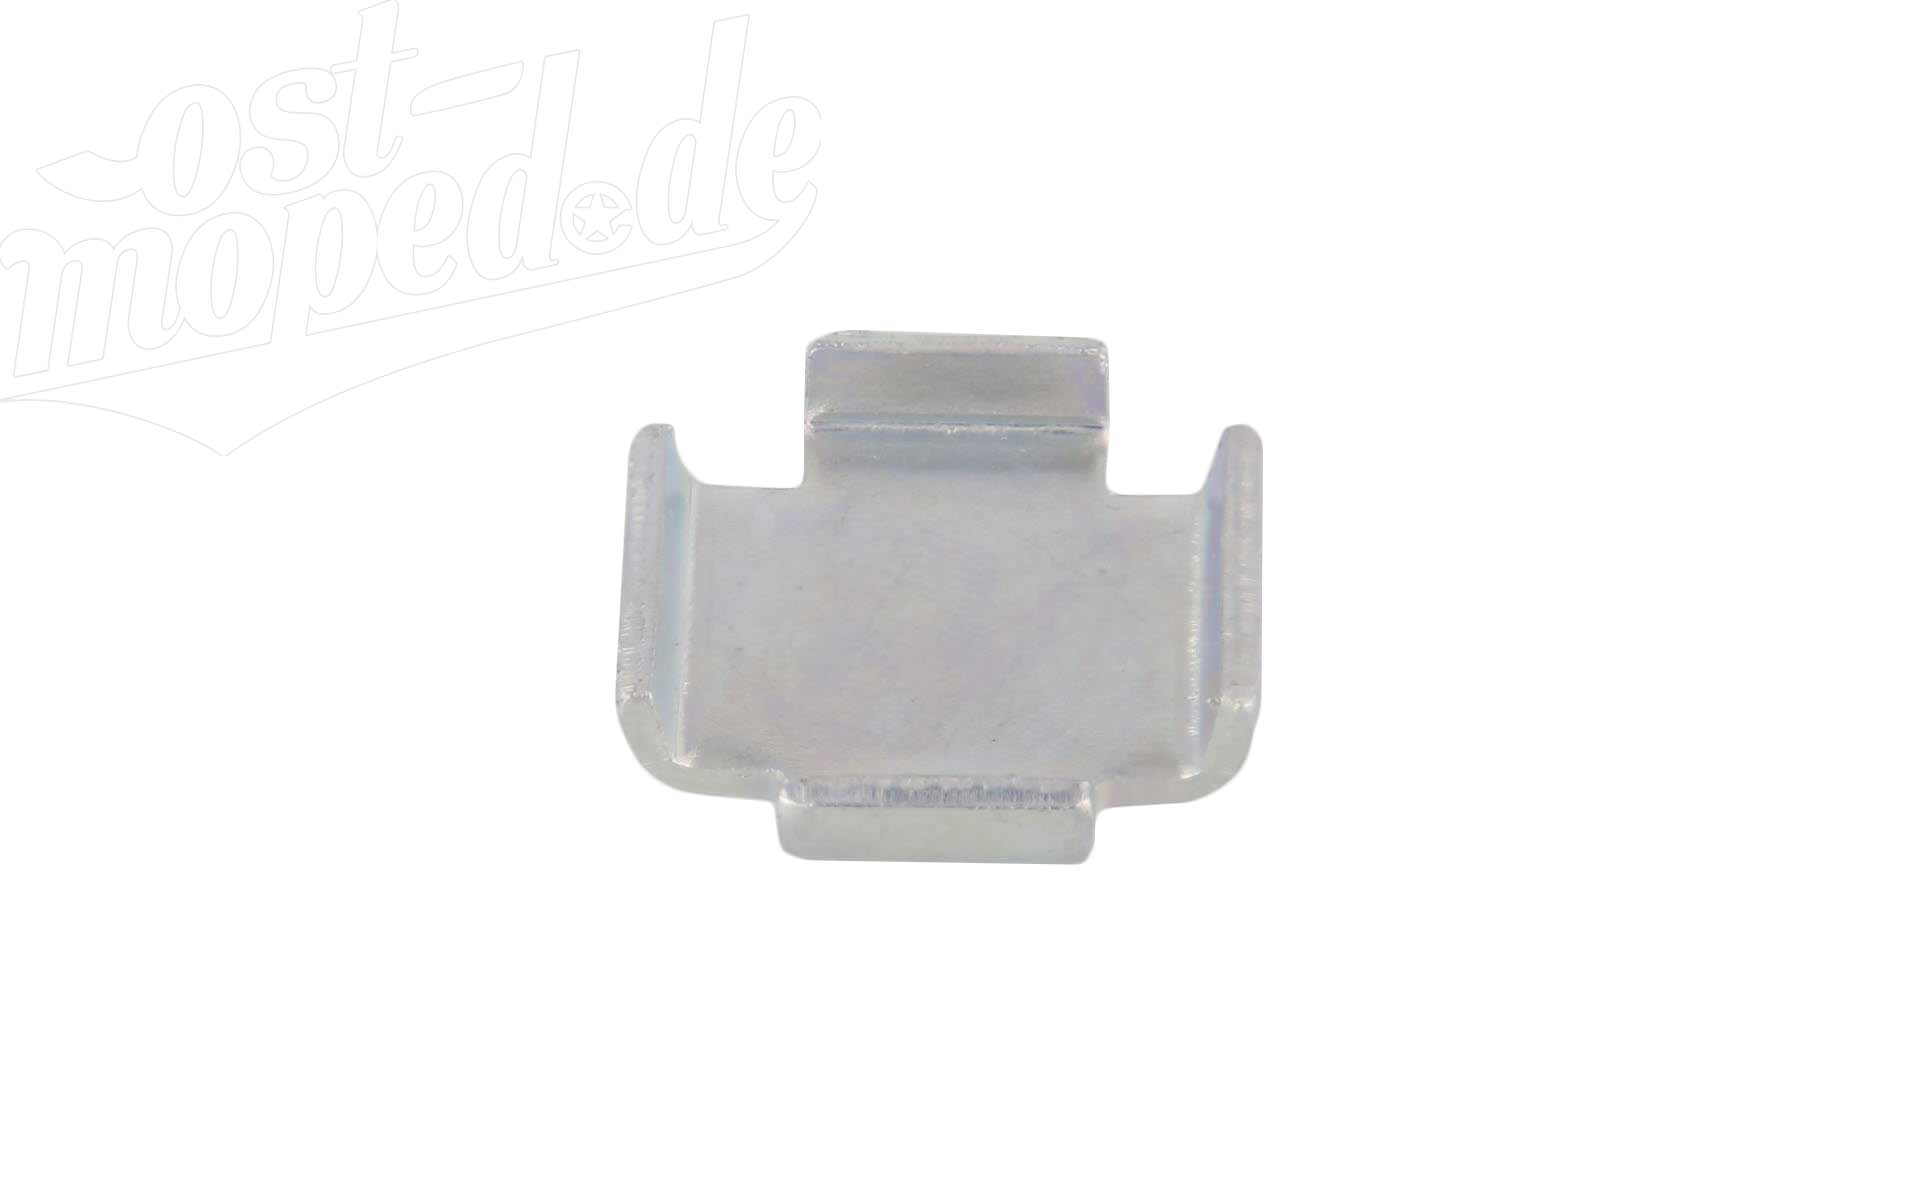 Zwischenlage 1,5mm für Bremsbacken - Simson